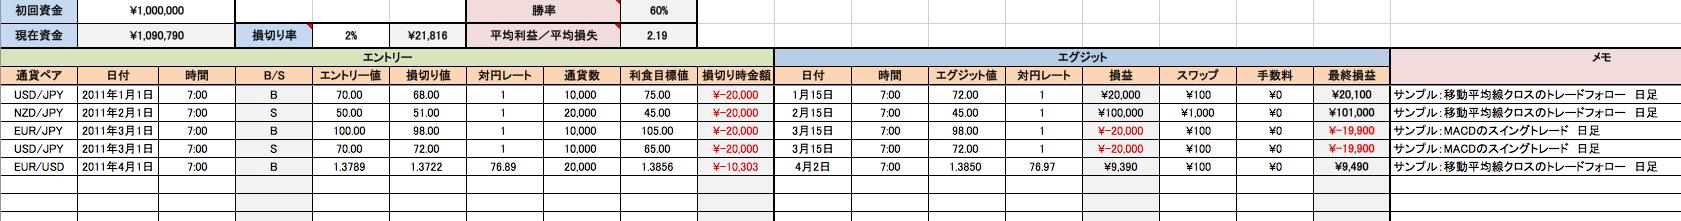 FX取引記録シート(サンプル)